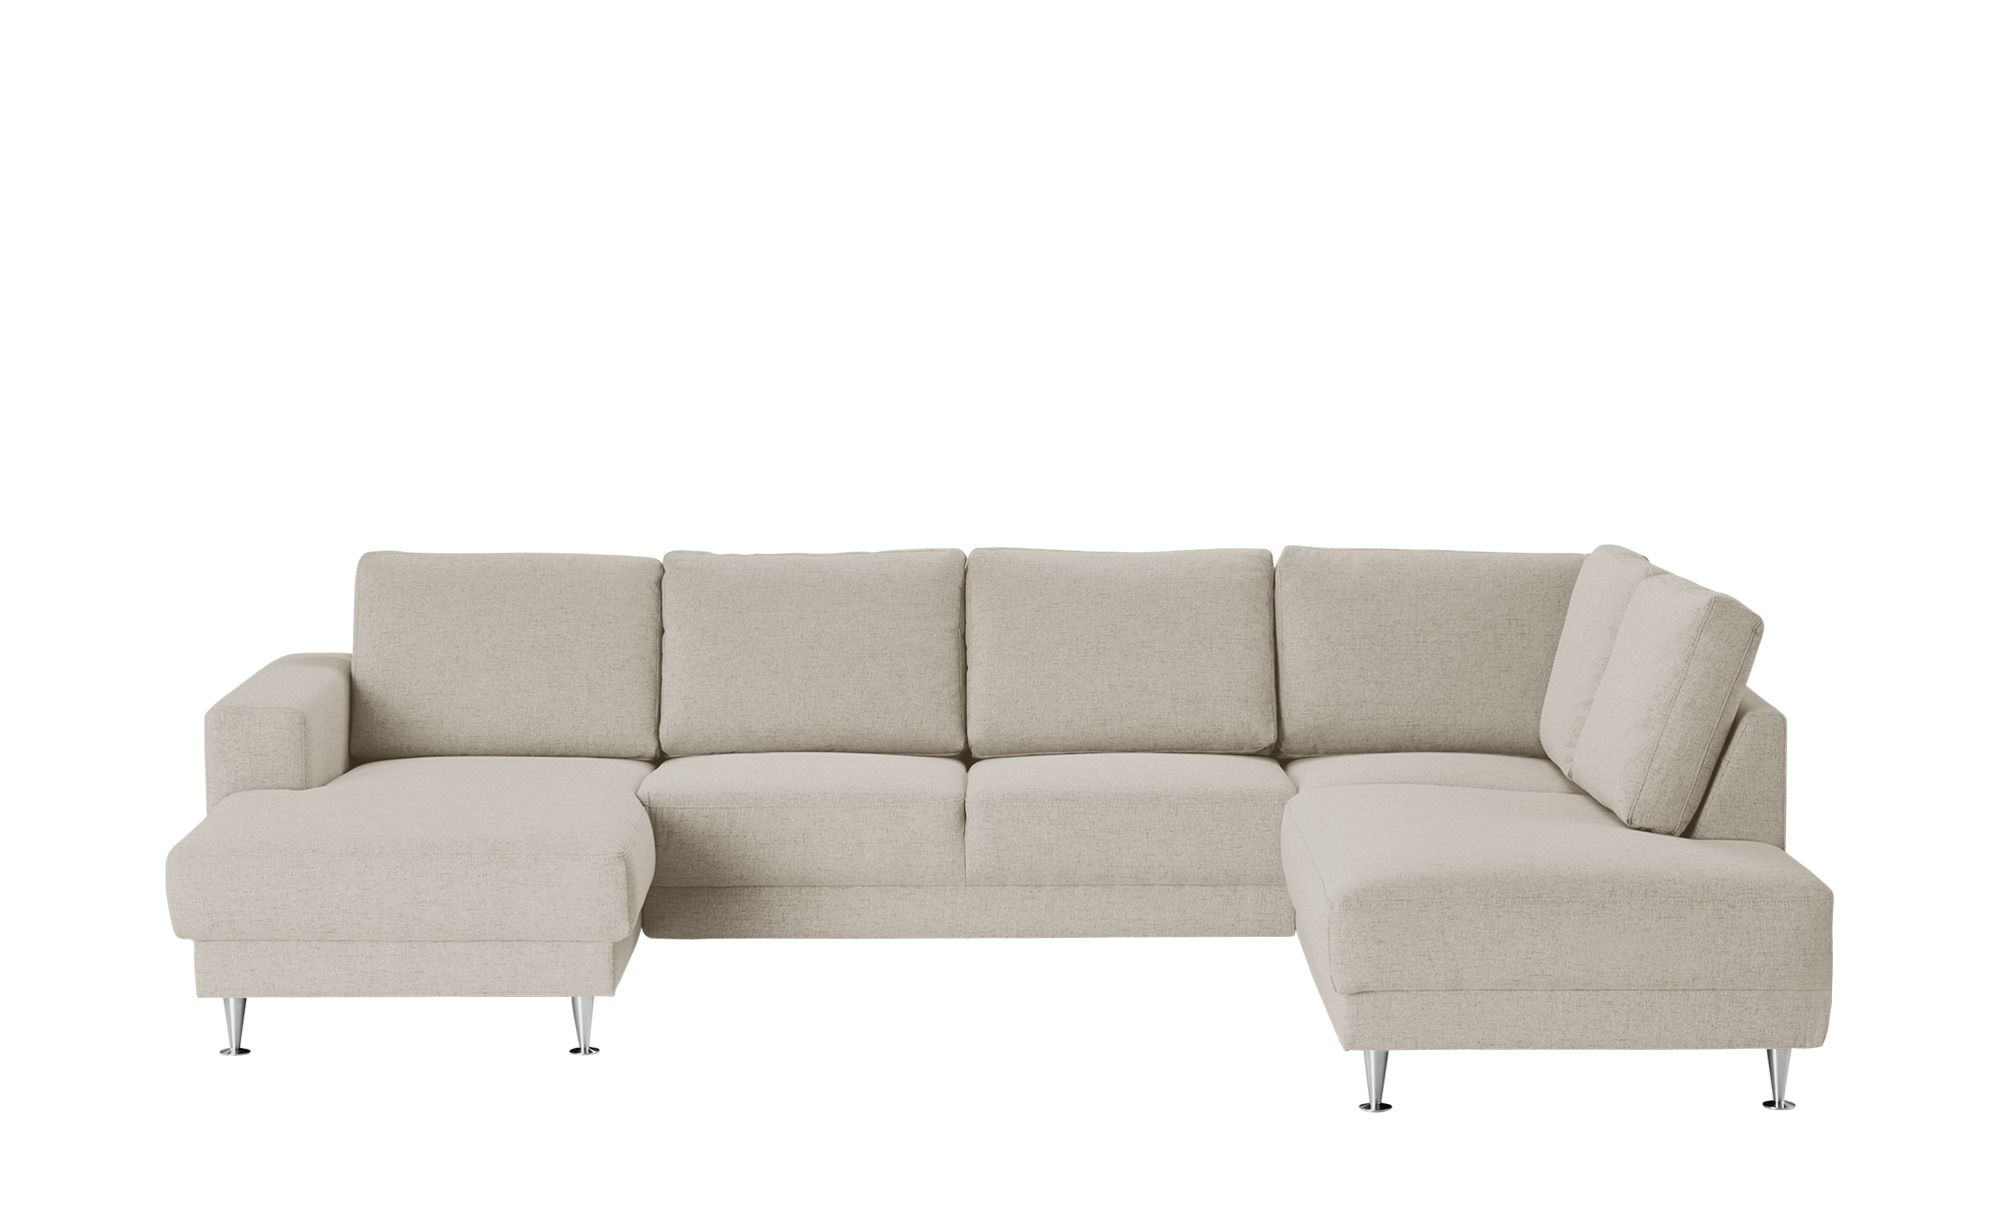 Ecksofa Grau Gunstig Big Sofa Designer Couch Sofa Big Brother Sofas Und Couches Couch Billige Wohnen Big Sofa Kaufen Wohnlandschaft